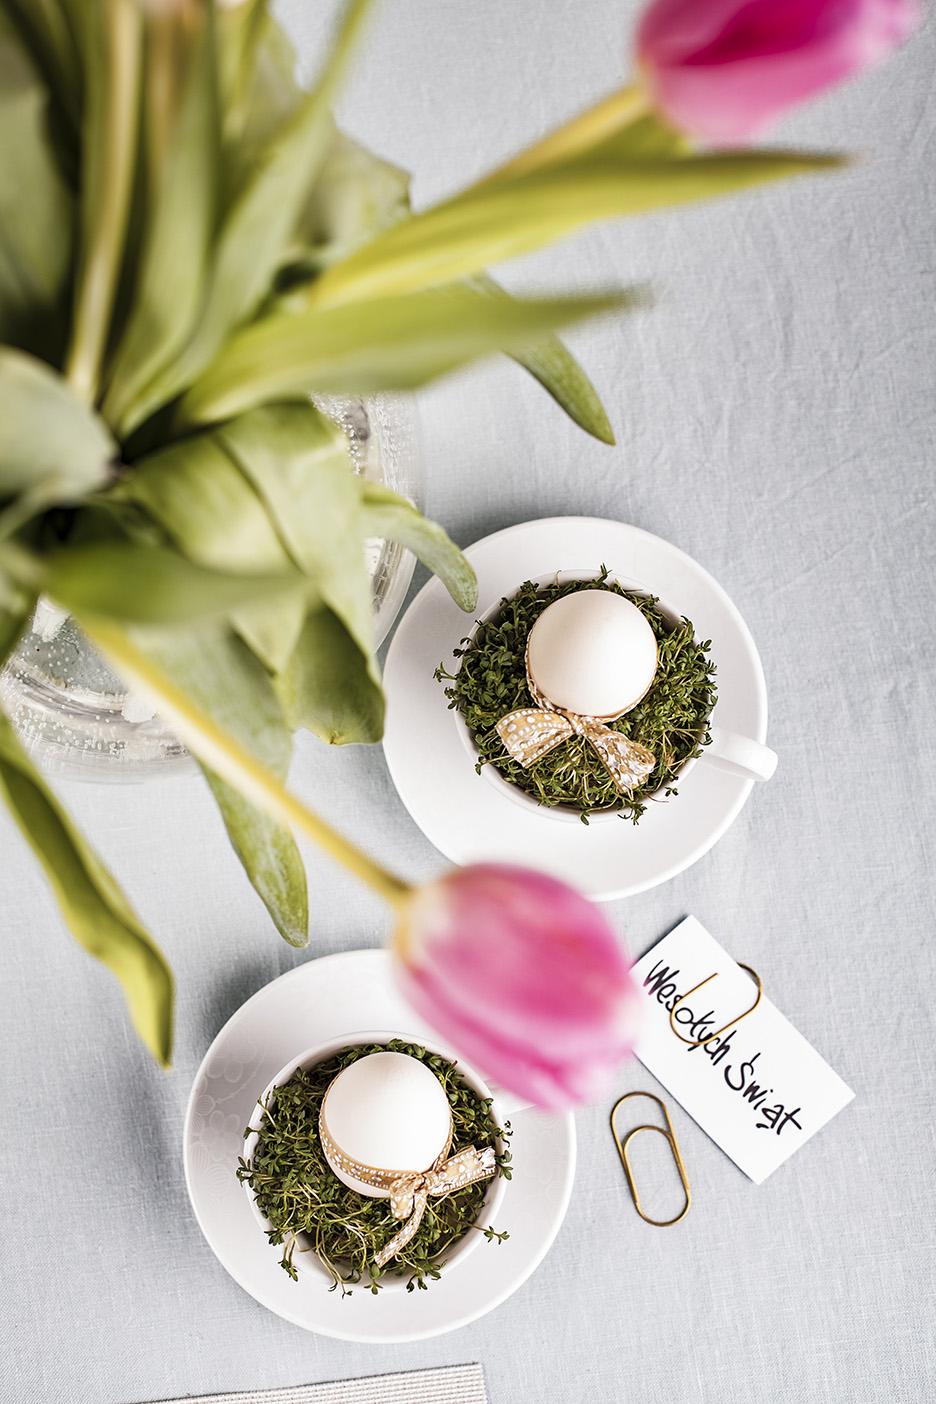 Wielkanocny stół w wiosennej oprawie Ambition